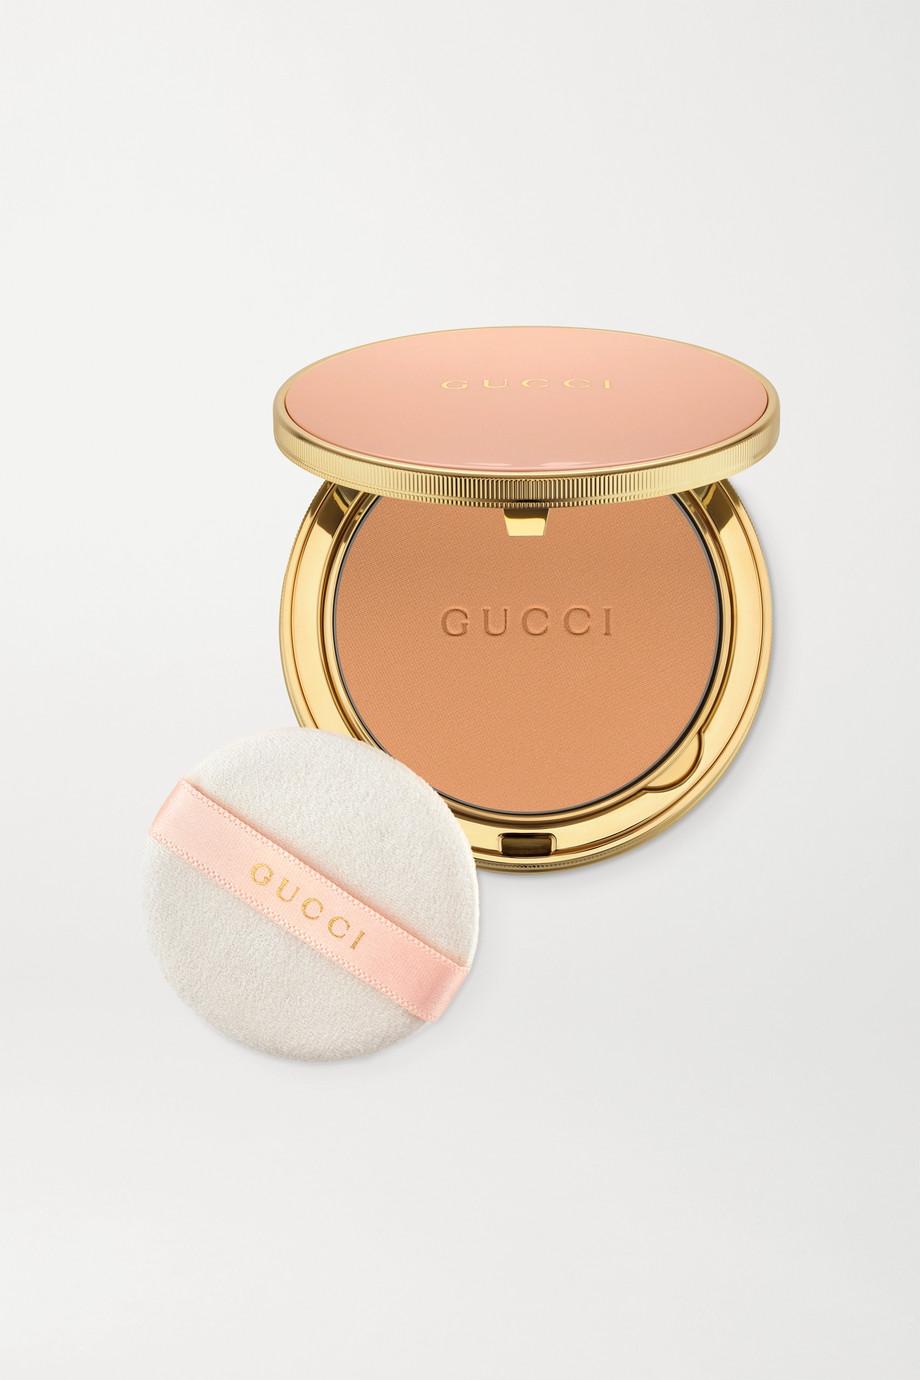 Gucci Beauty Poudre de Beauté Powder - Mat Naturel 07